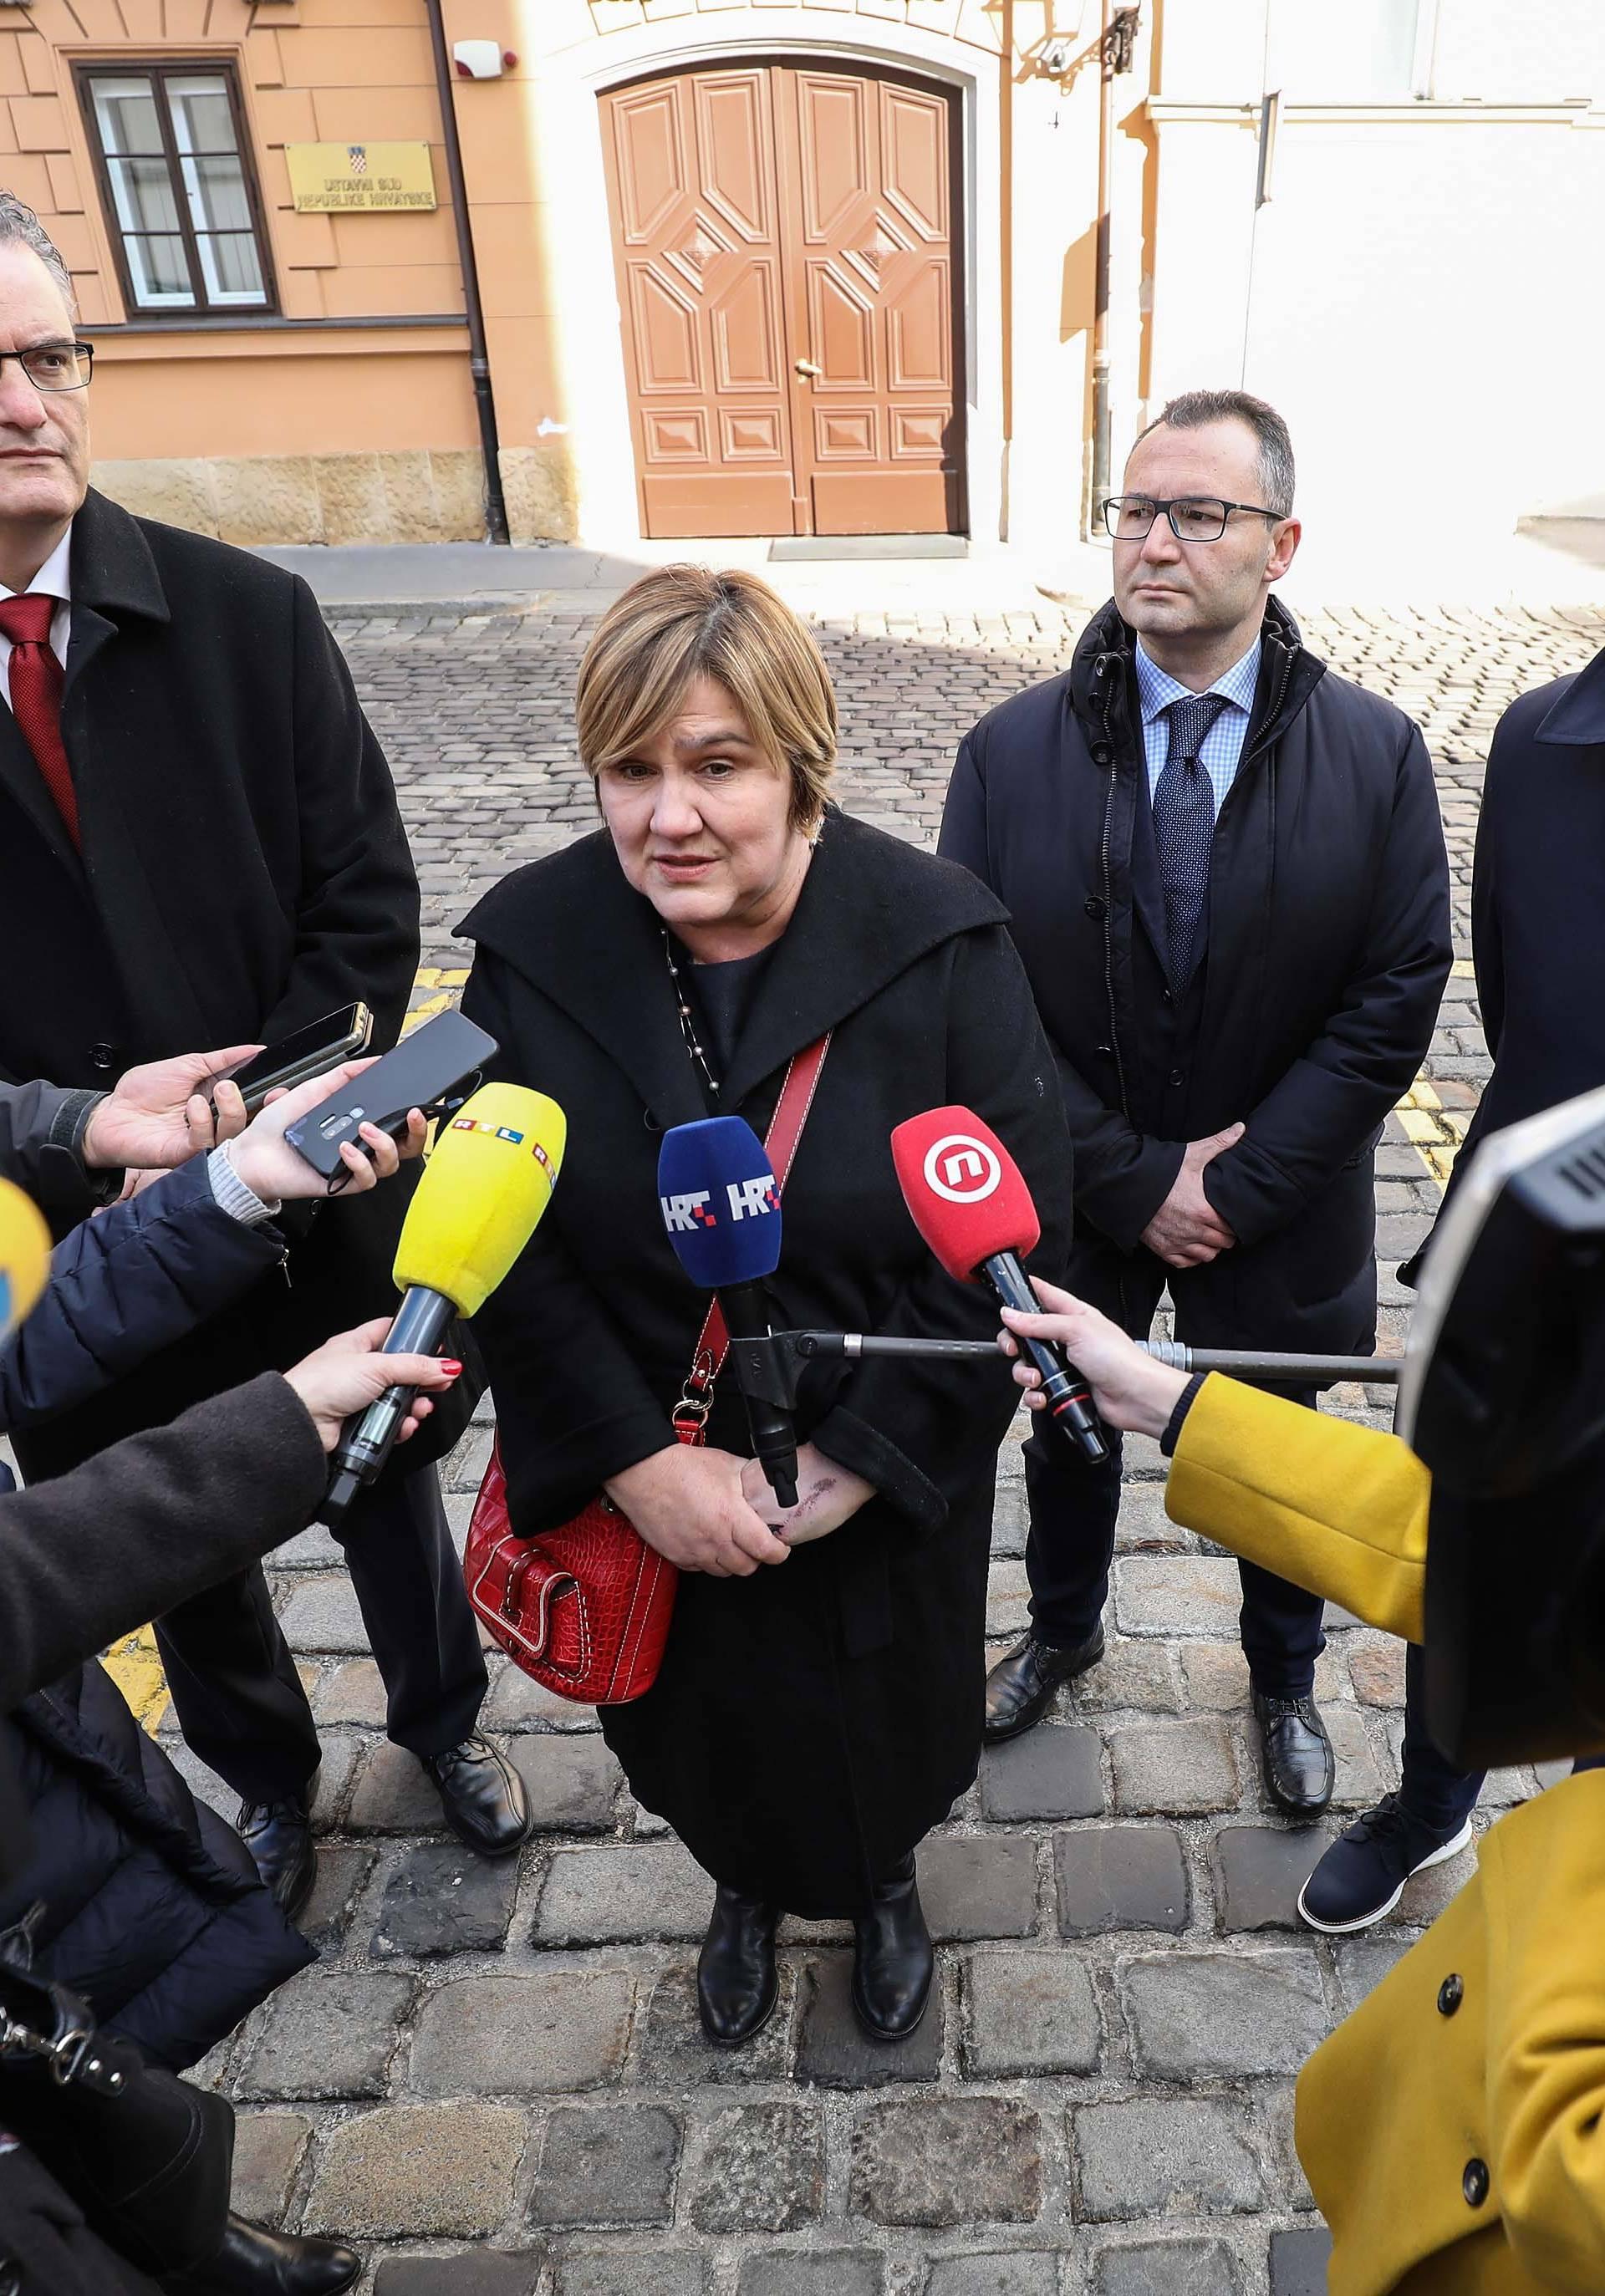 Markić najavila inicijativu zbog Ustavnog suda i udomljavanja